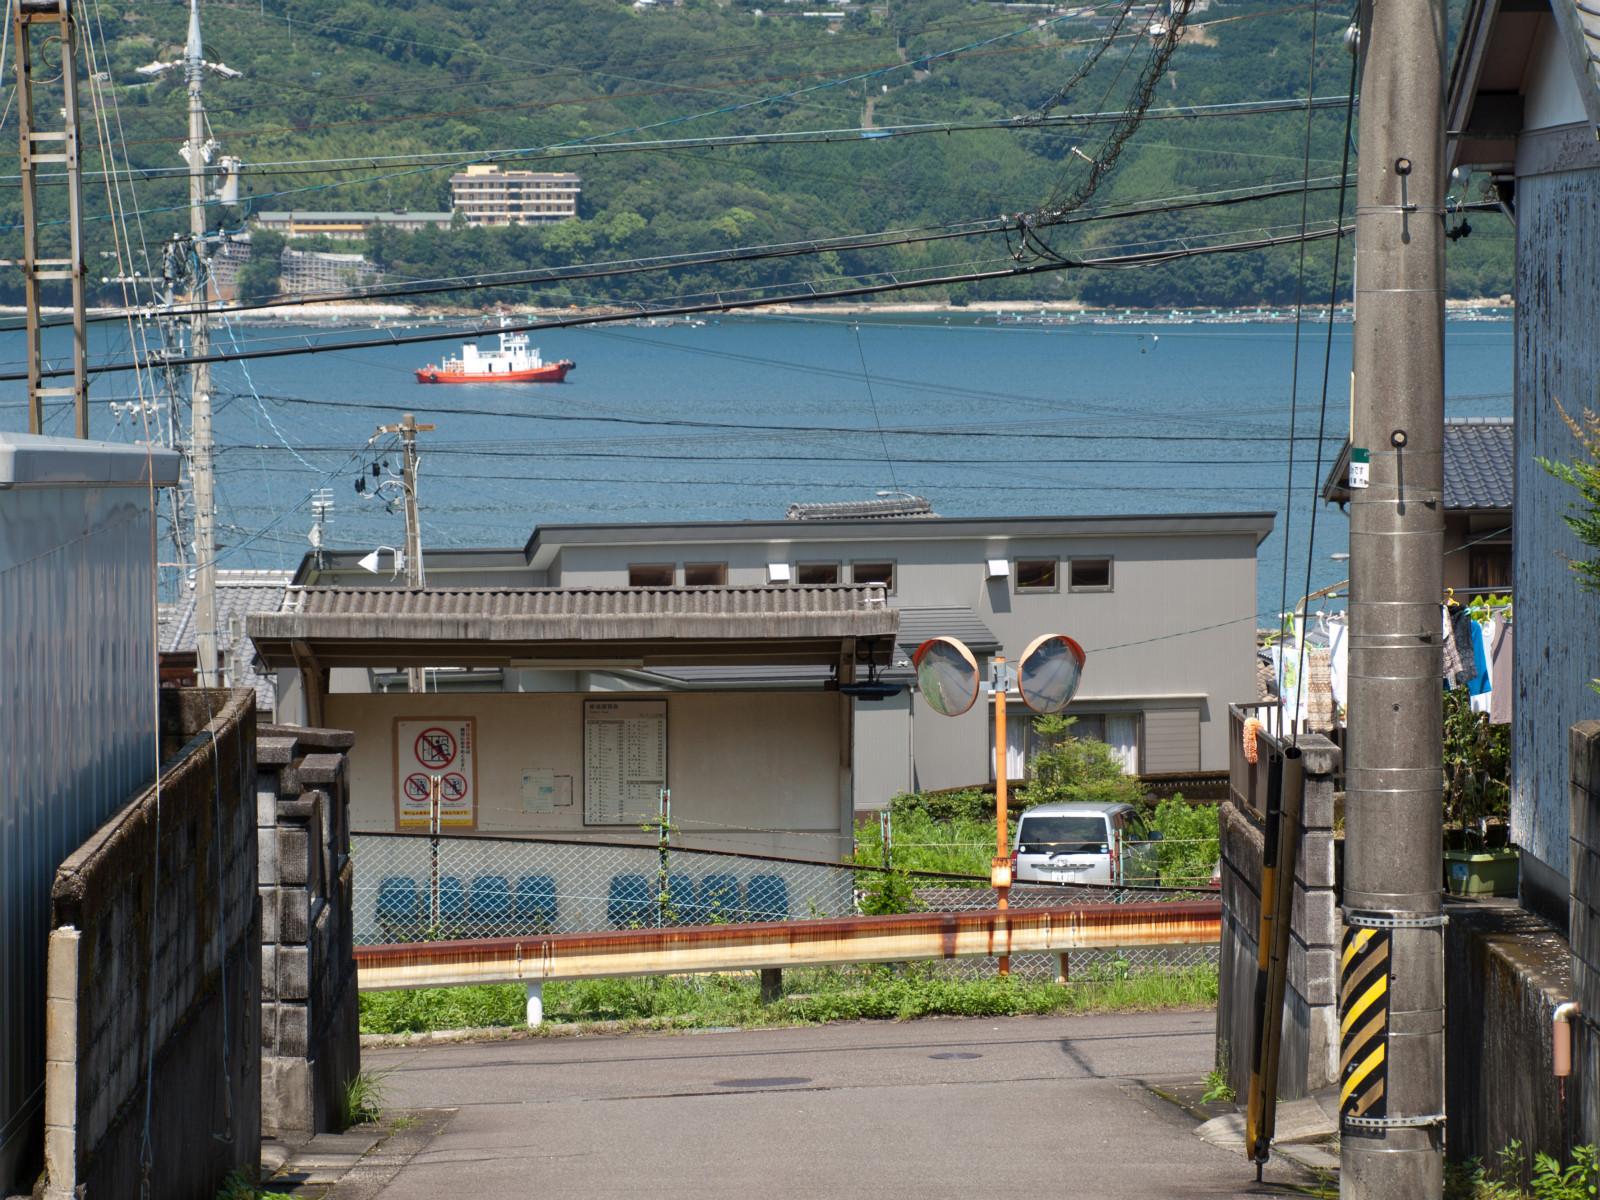 駅の裏は山になっていて、坂道が続きます。「青春18きっぷ」のポスター写真もこの方角から撮られているみたいです。